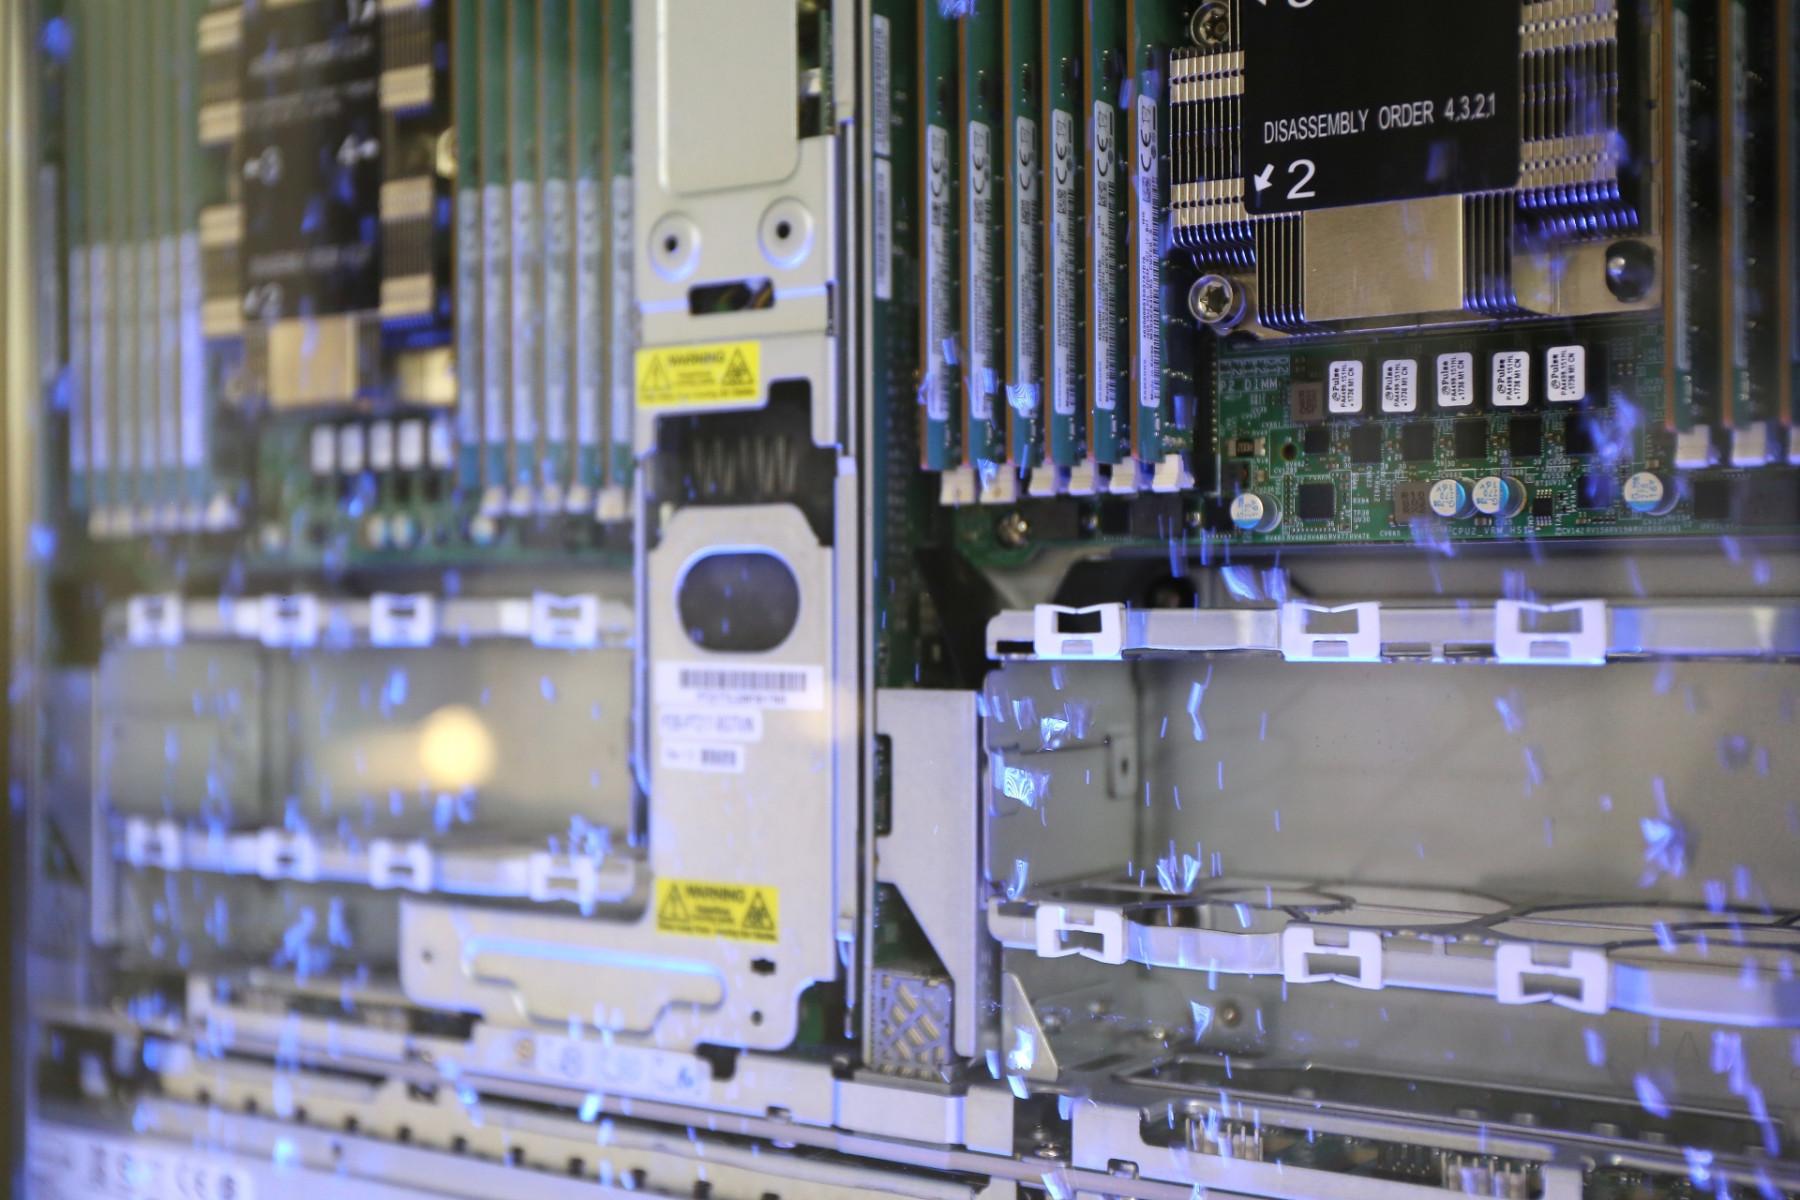 液冷散熱效能佳  半導體產業興趣濃